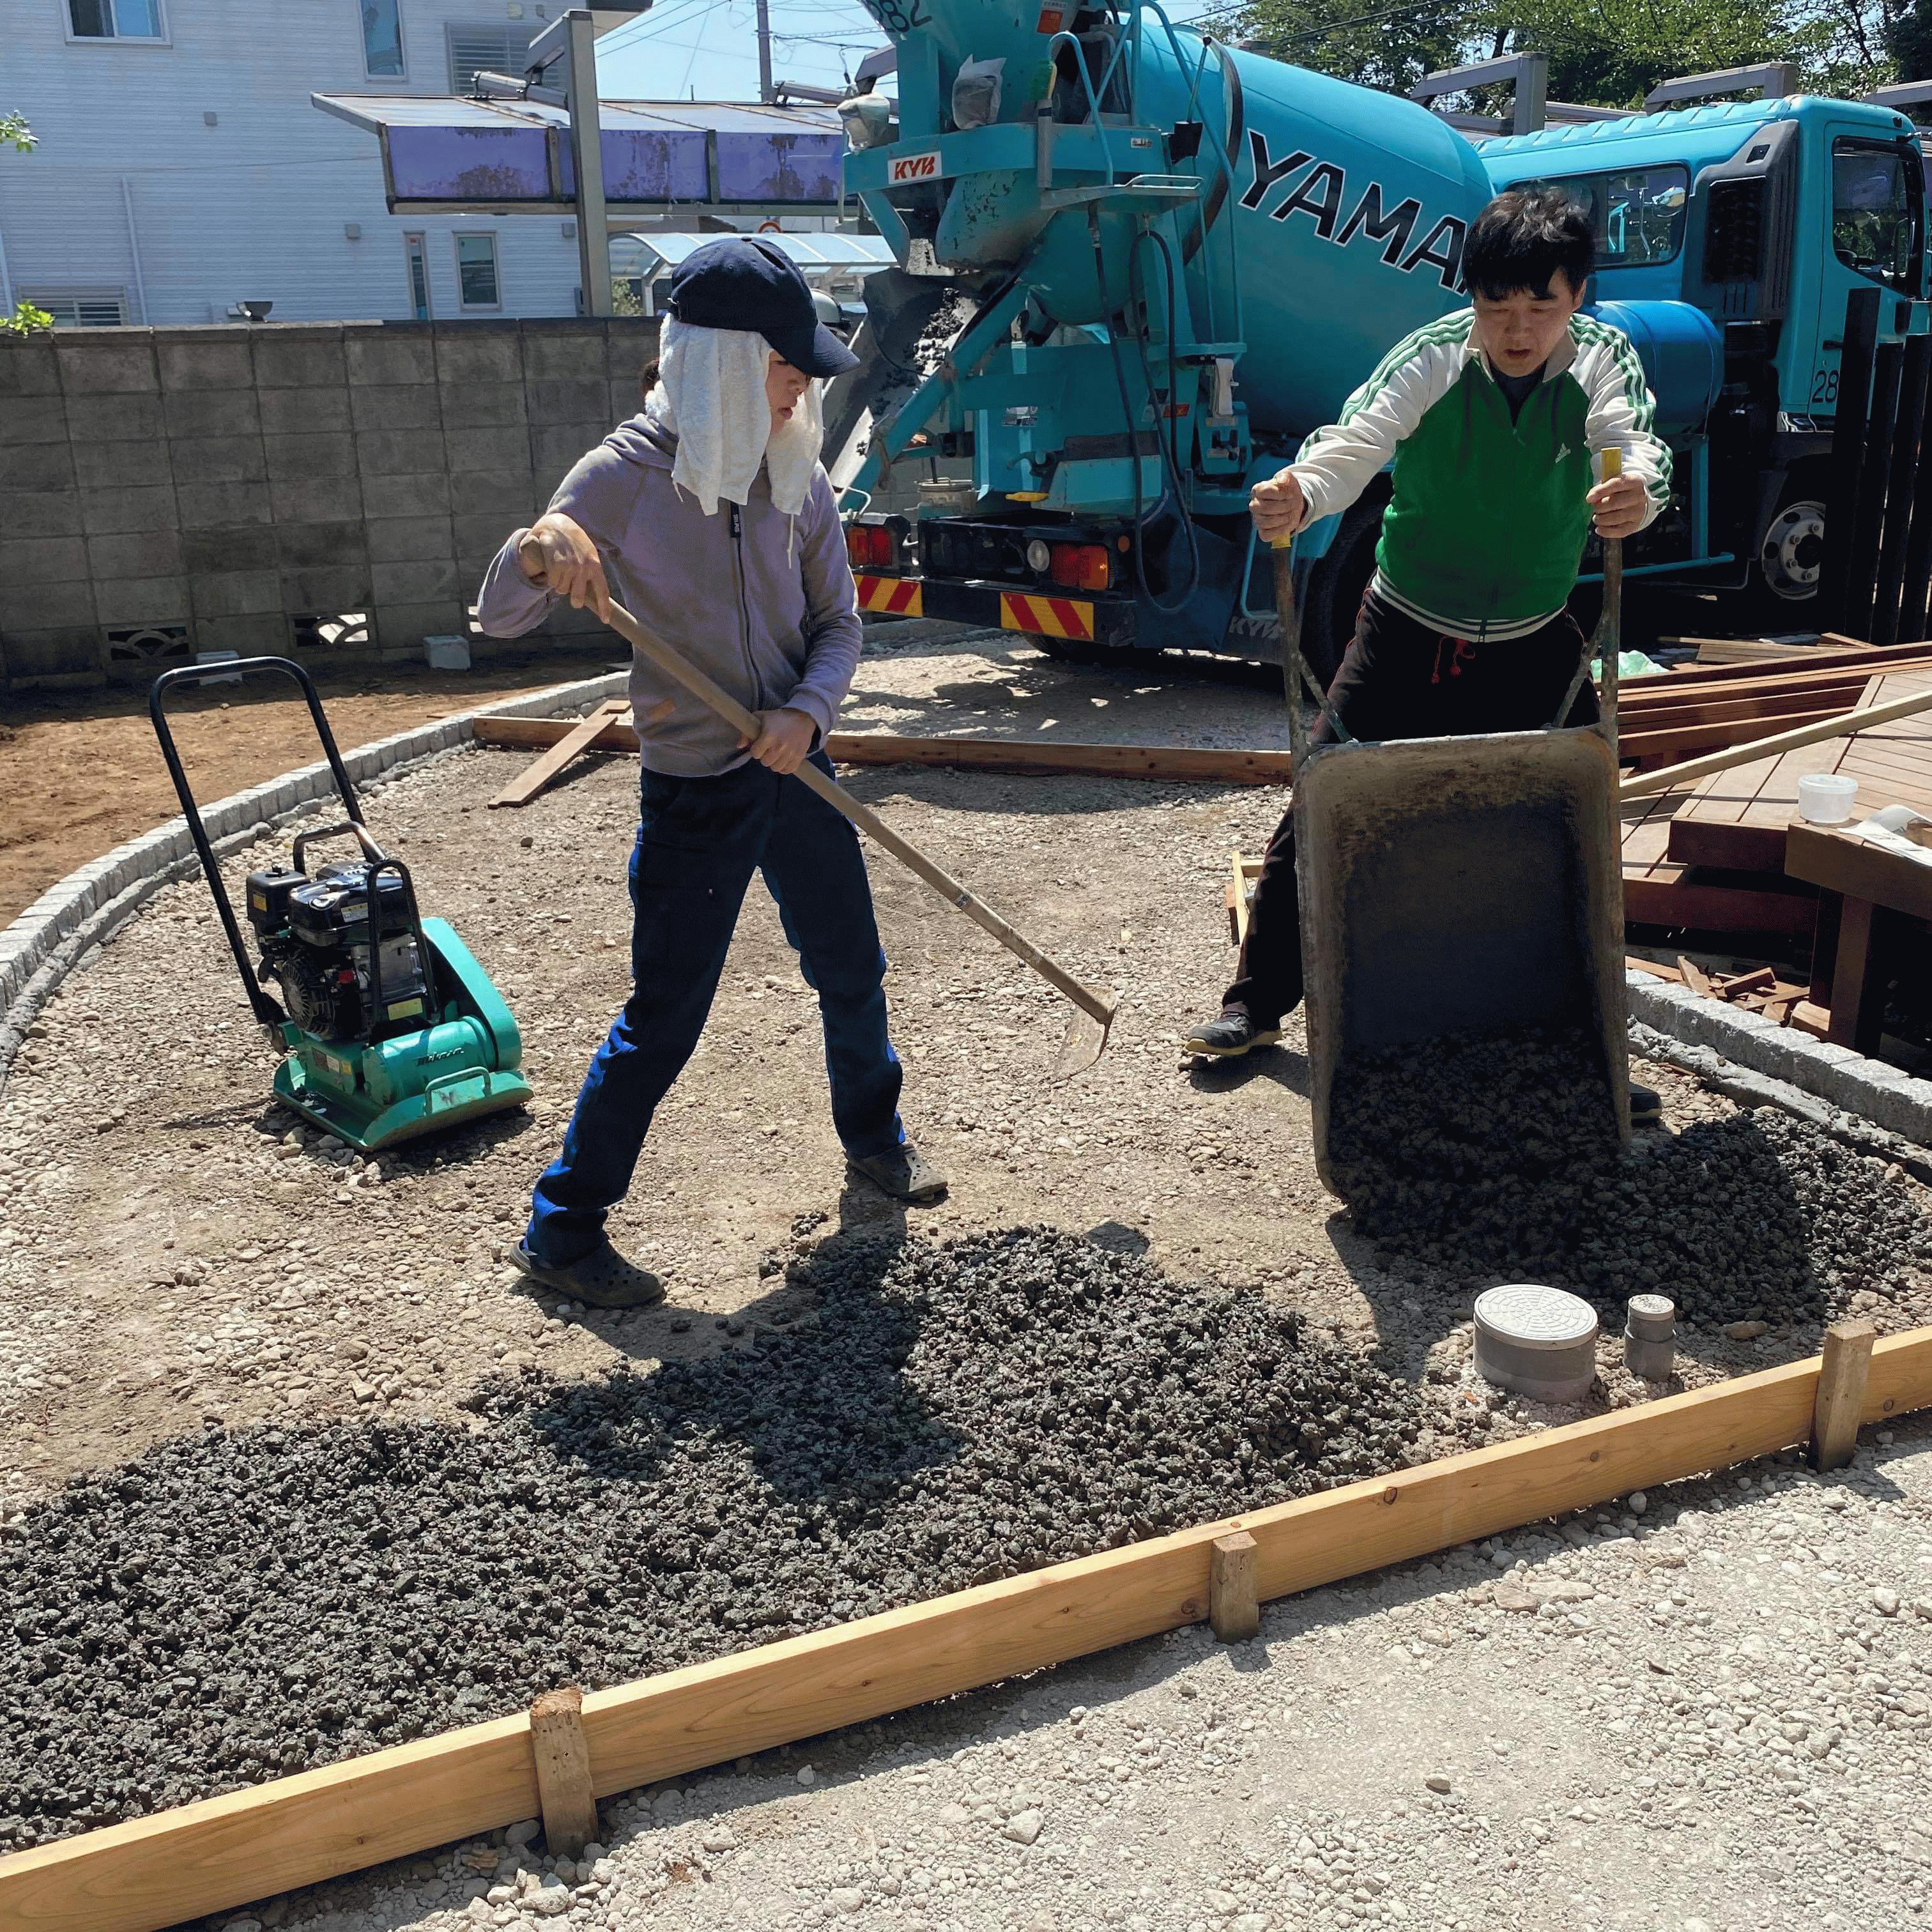 【千葉】「最近の素人さんは本当に凄い」「たった2人で17m2を1時間半」DIY・ヤマカ建材工業